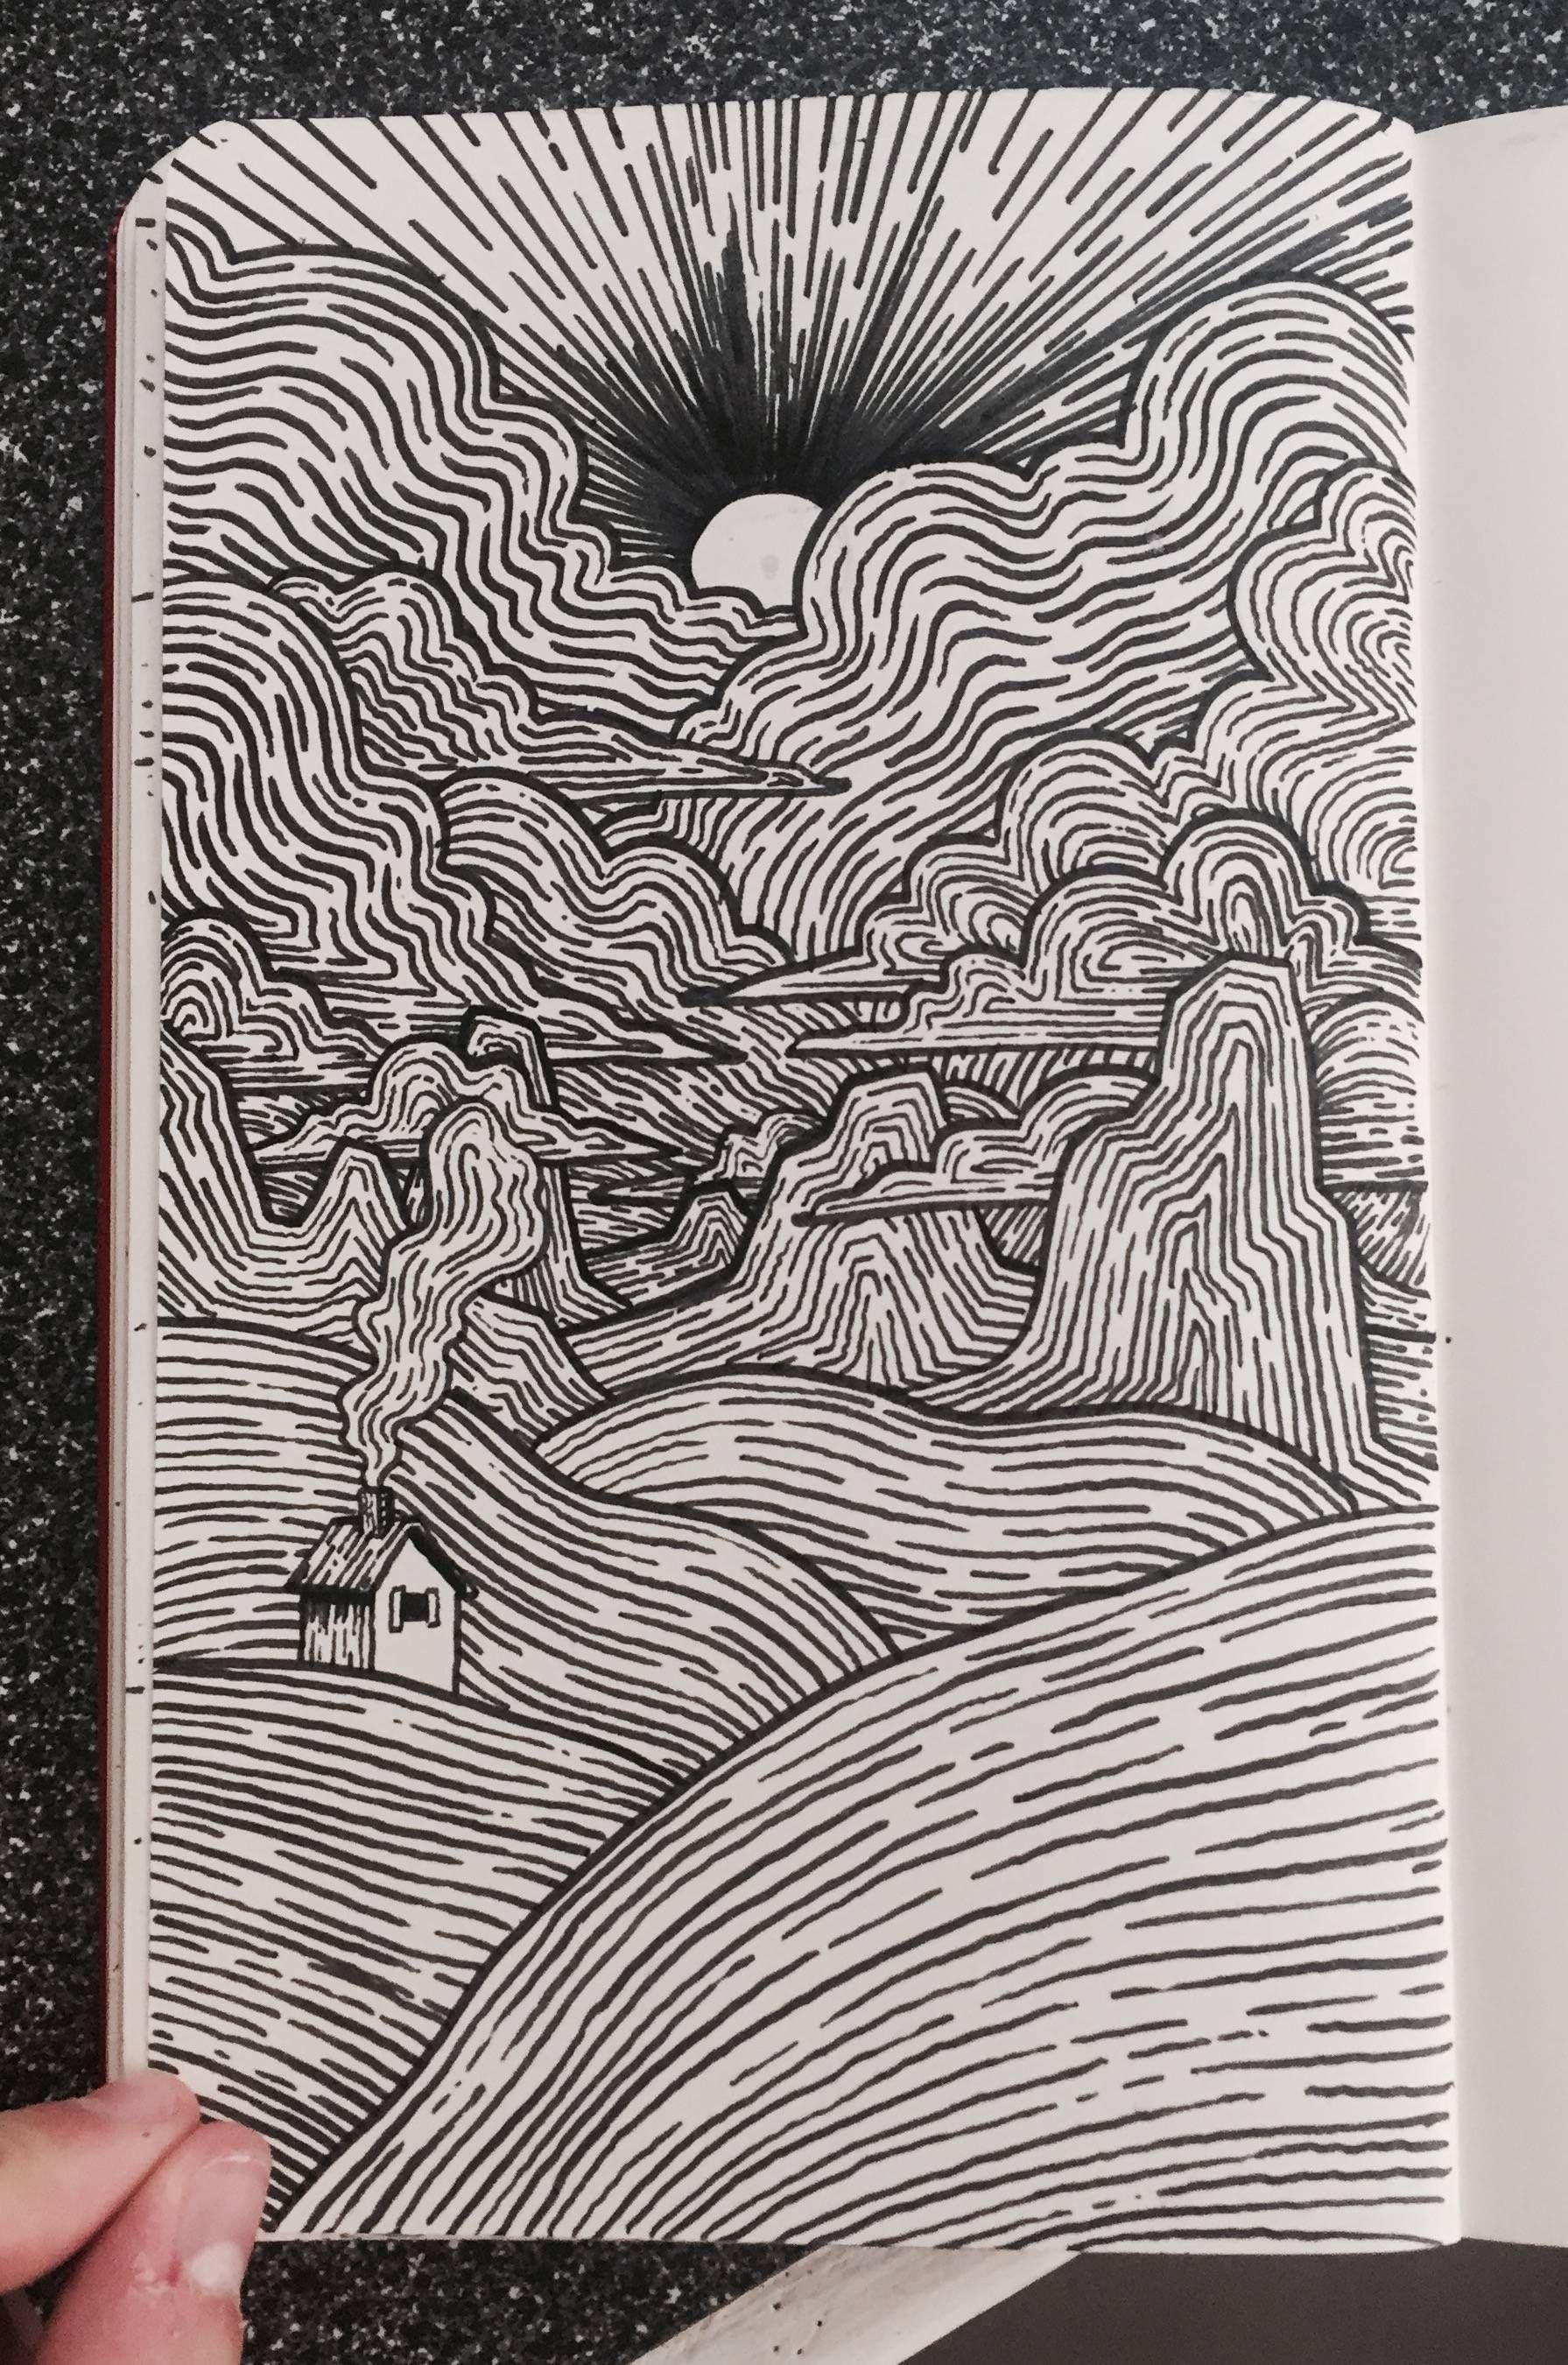 Linescape Brushpen 5x8 Pen Art Drawings Ink Pen Art Pen Art